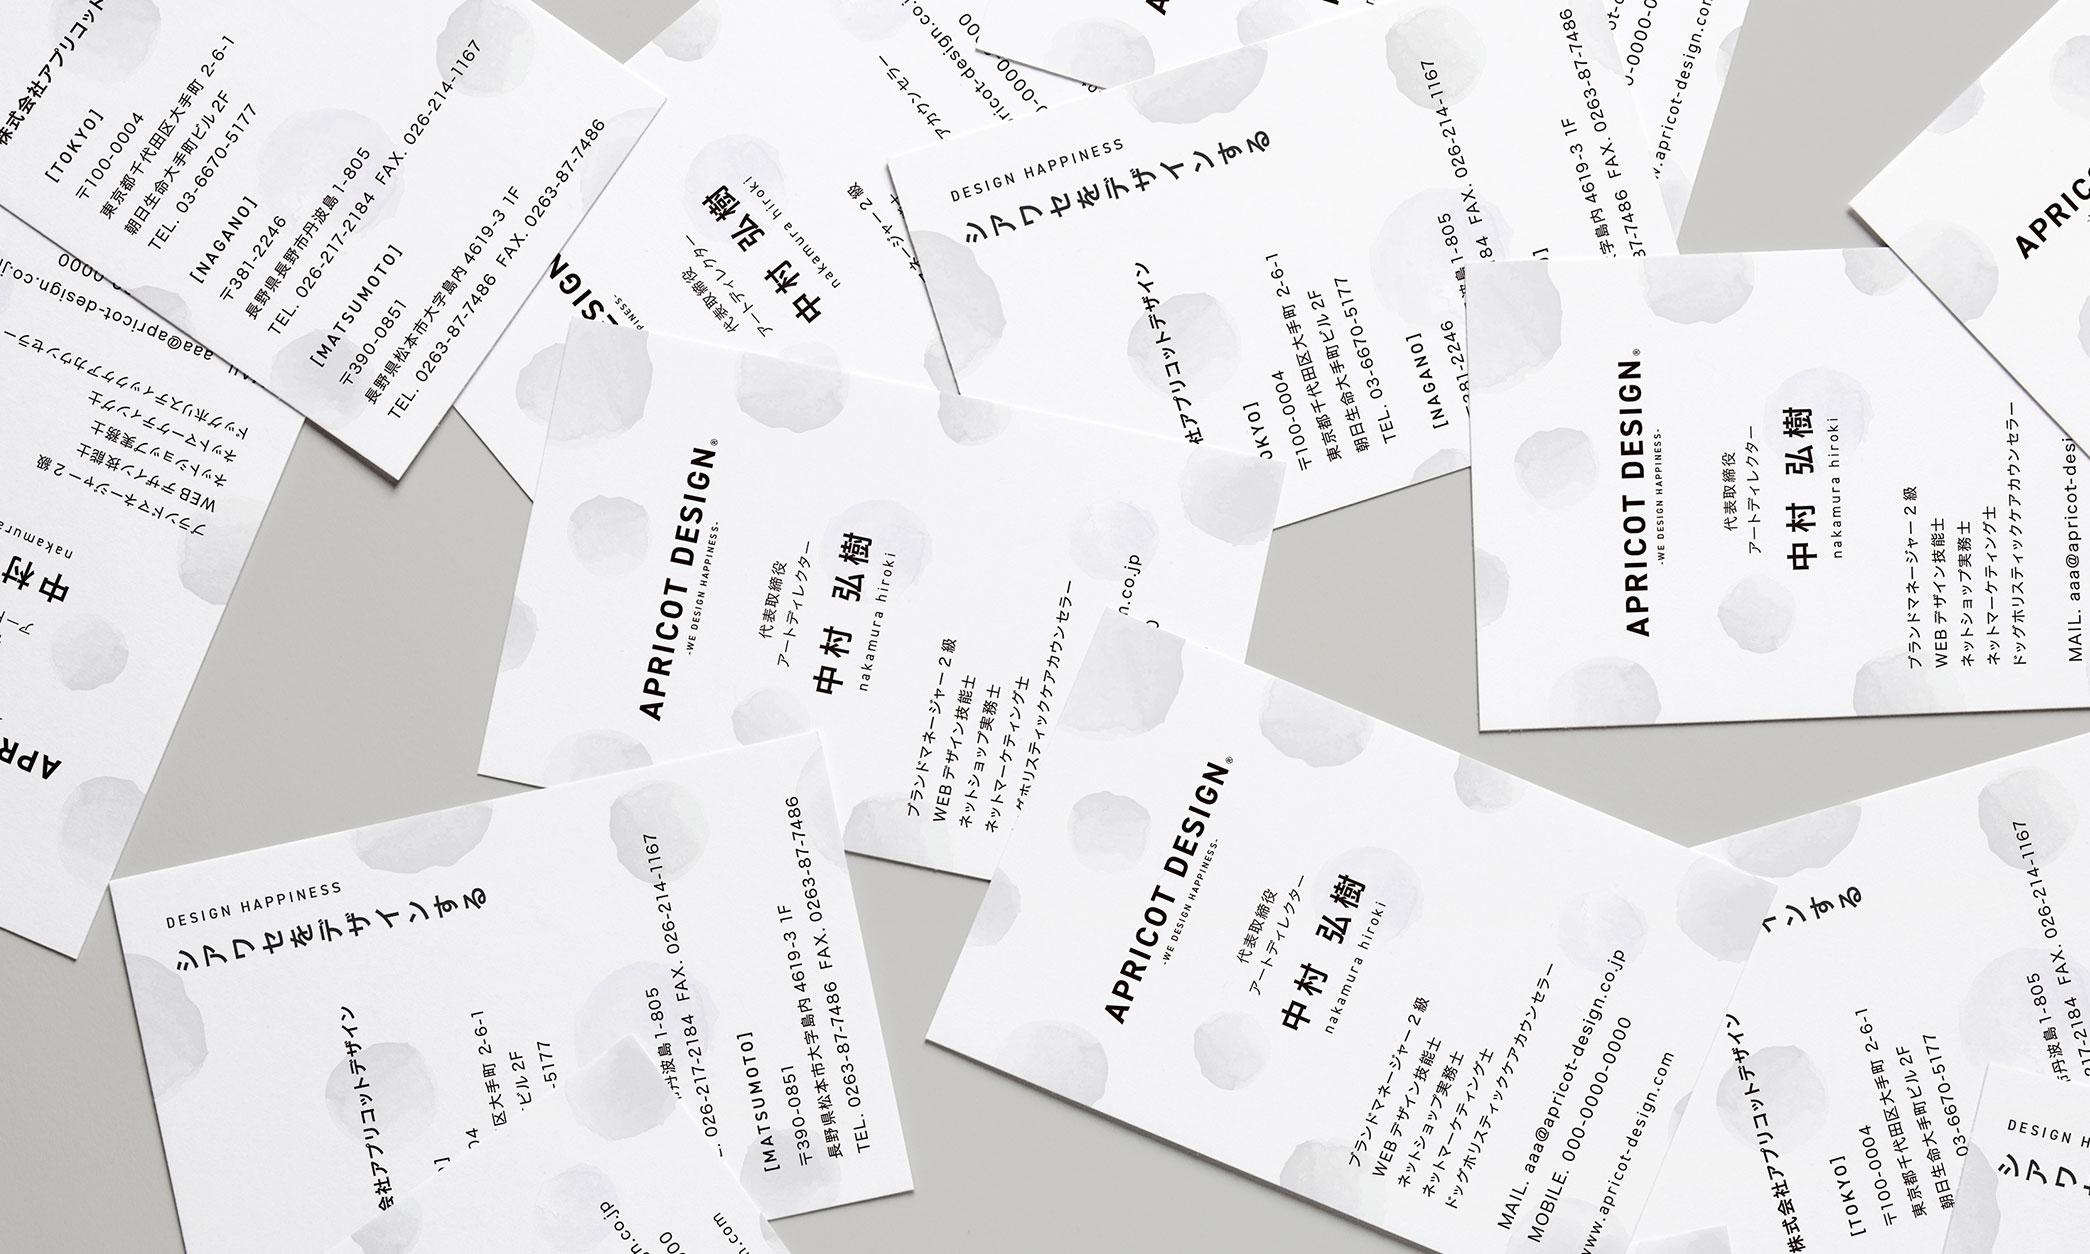 オリジナル名刺制作|長野(長野市・松本市)・東京・金沢(石川)のデザイン事務所 アプリコットデザイン